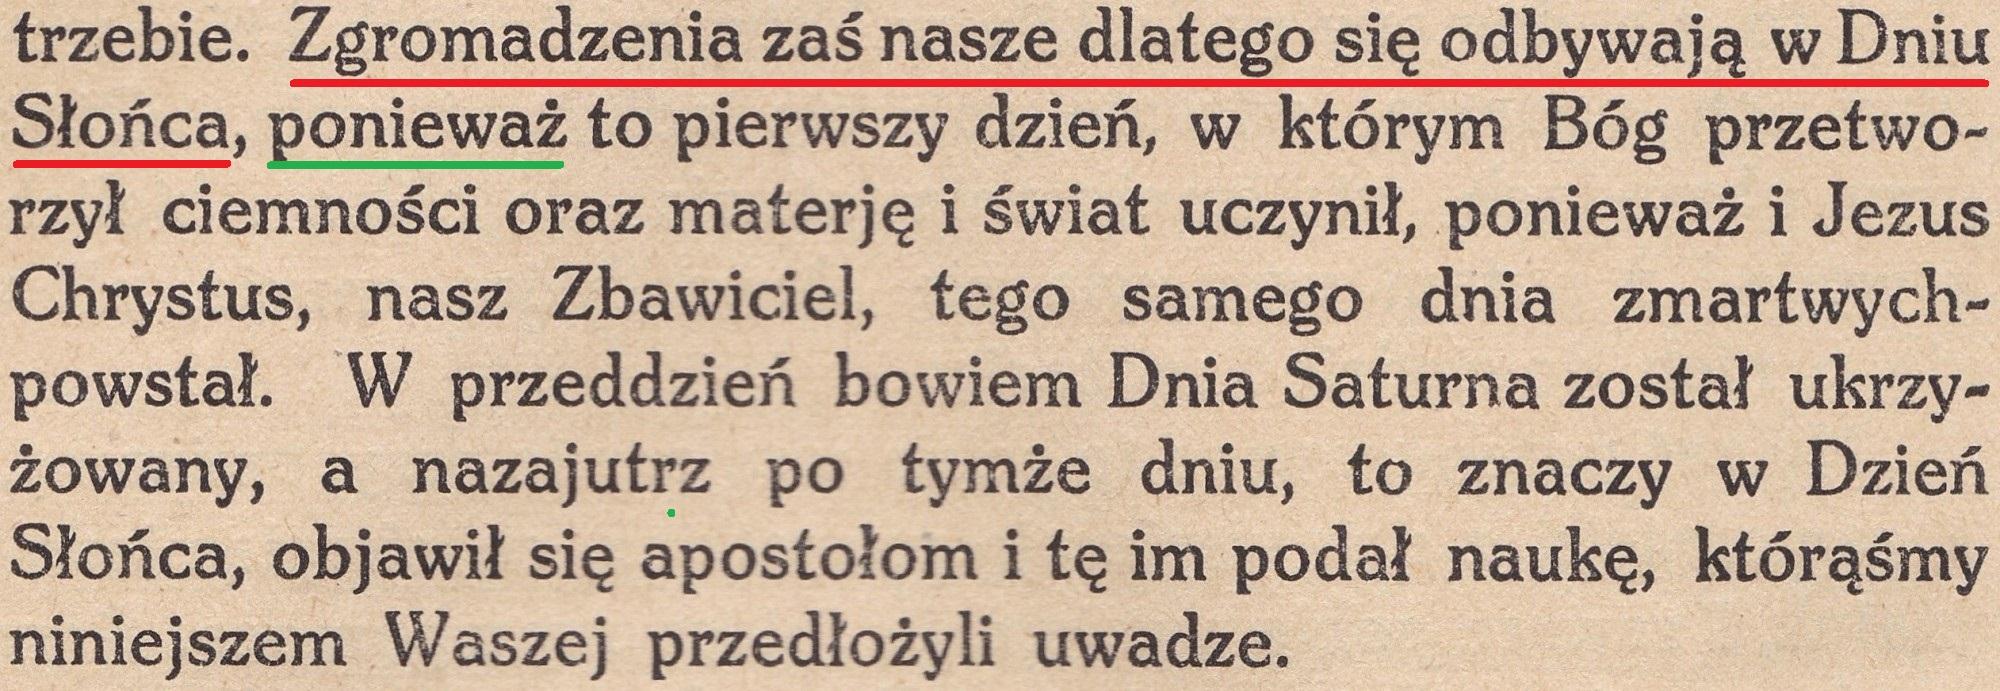 Justyn Męczennik Apologia Dialog z Żydem Tryfonem